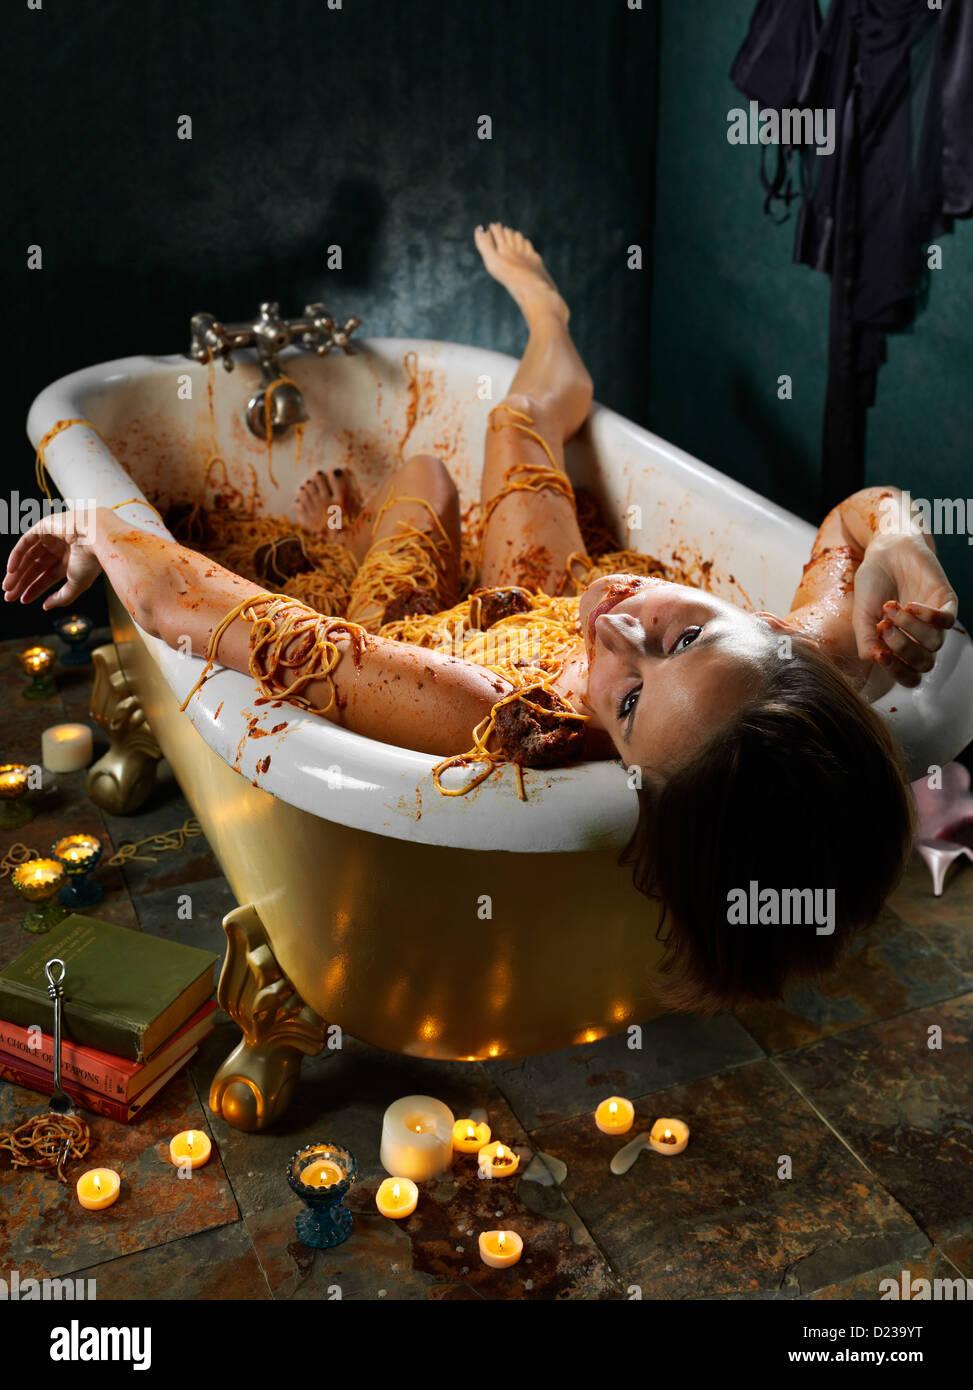 La scène du crime de mort par la gourmandise. Banque D'Images